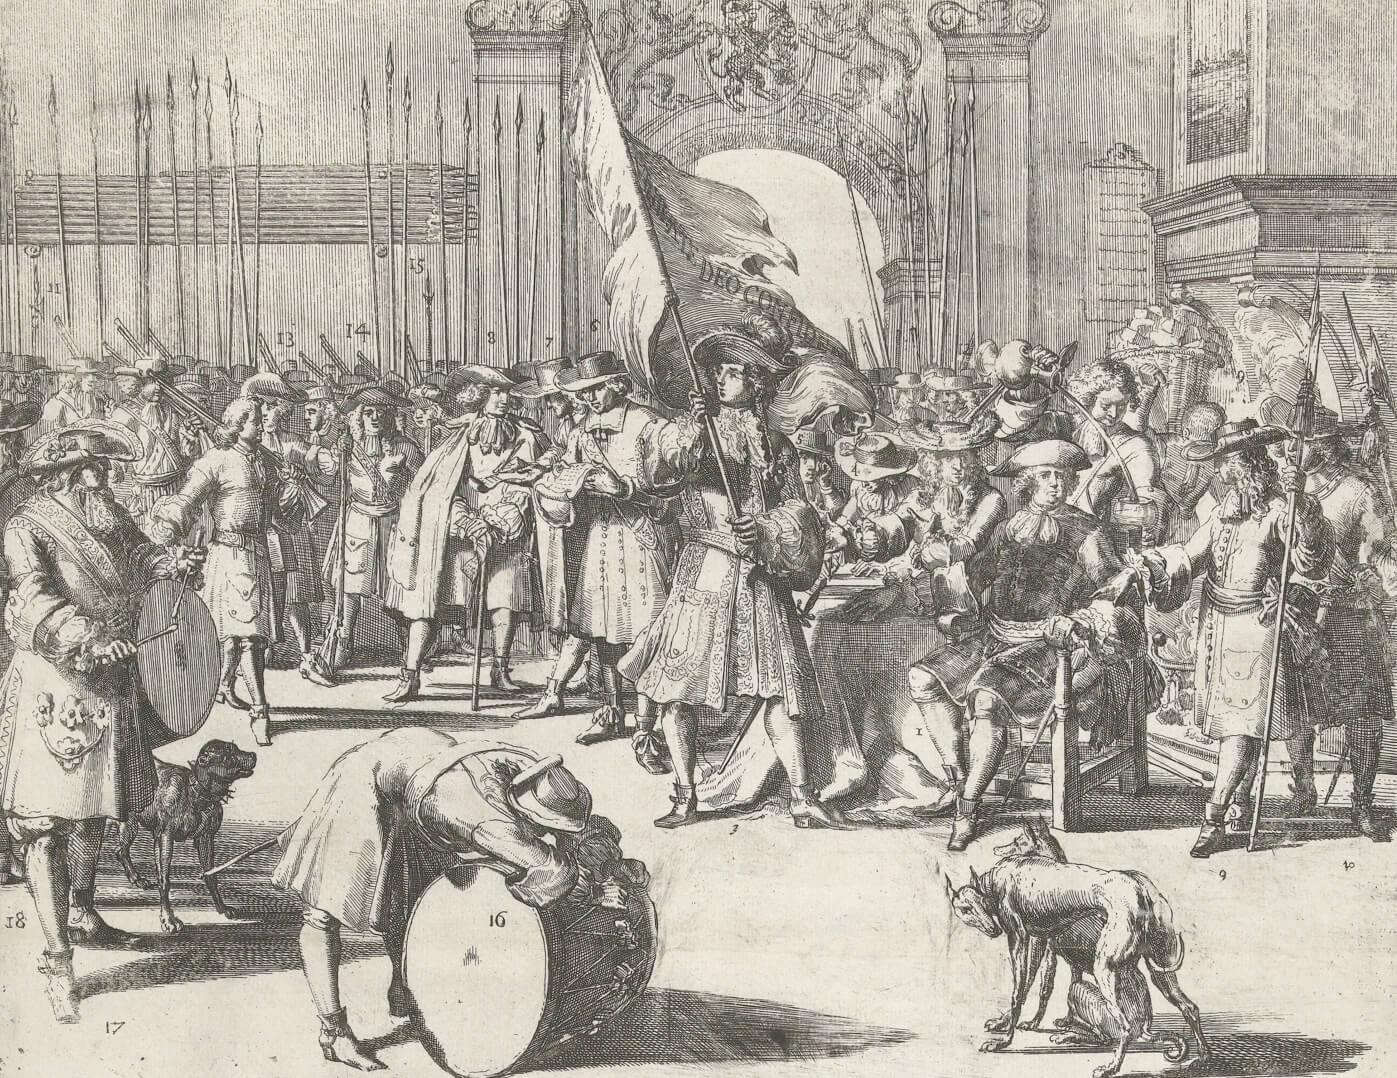 Renovar y difundir la Historia Militar. La movilización de recursos militares y navales en la Monarquía Imperial Hispánica (siglos XVII y XVIII)